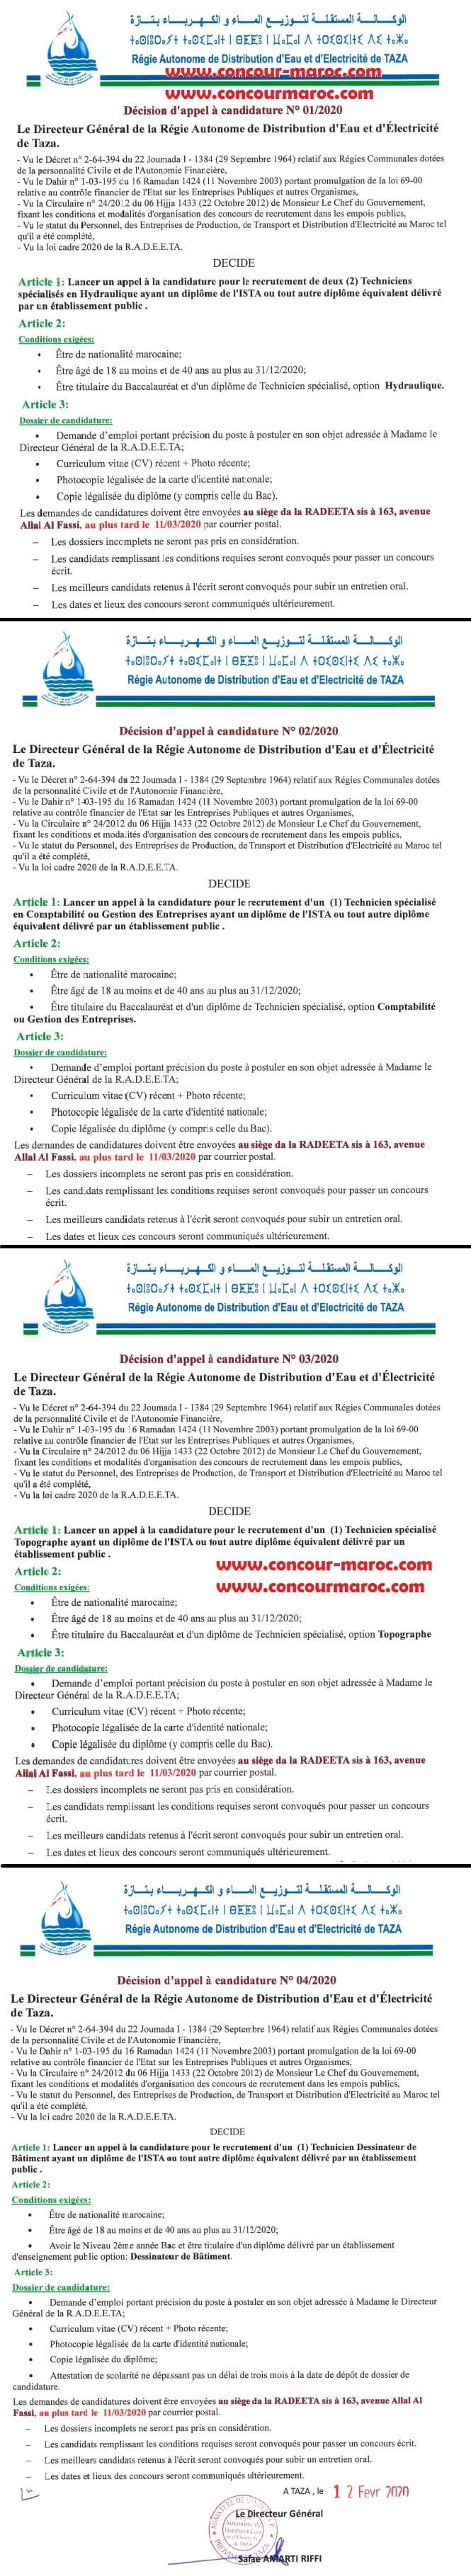 الوكالة المستقلة لتوزيع الماء والكهرباء بتازة مباراة توظيف 05 مناصب في عدة تخصصات اخر اجل 11 مارس 2020 Aiaao_74